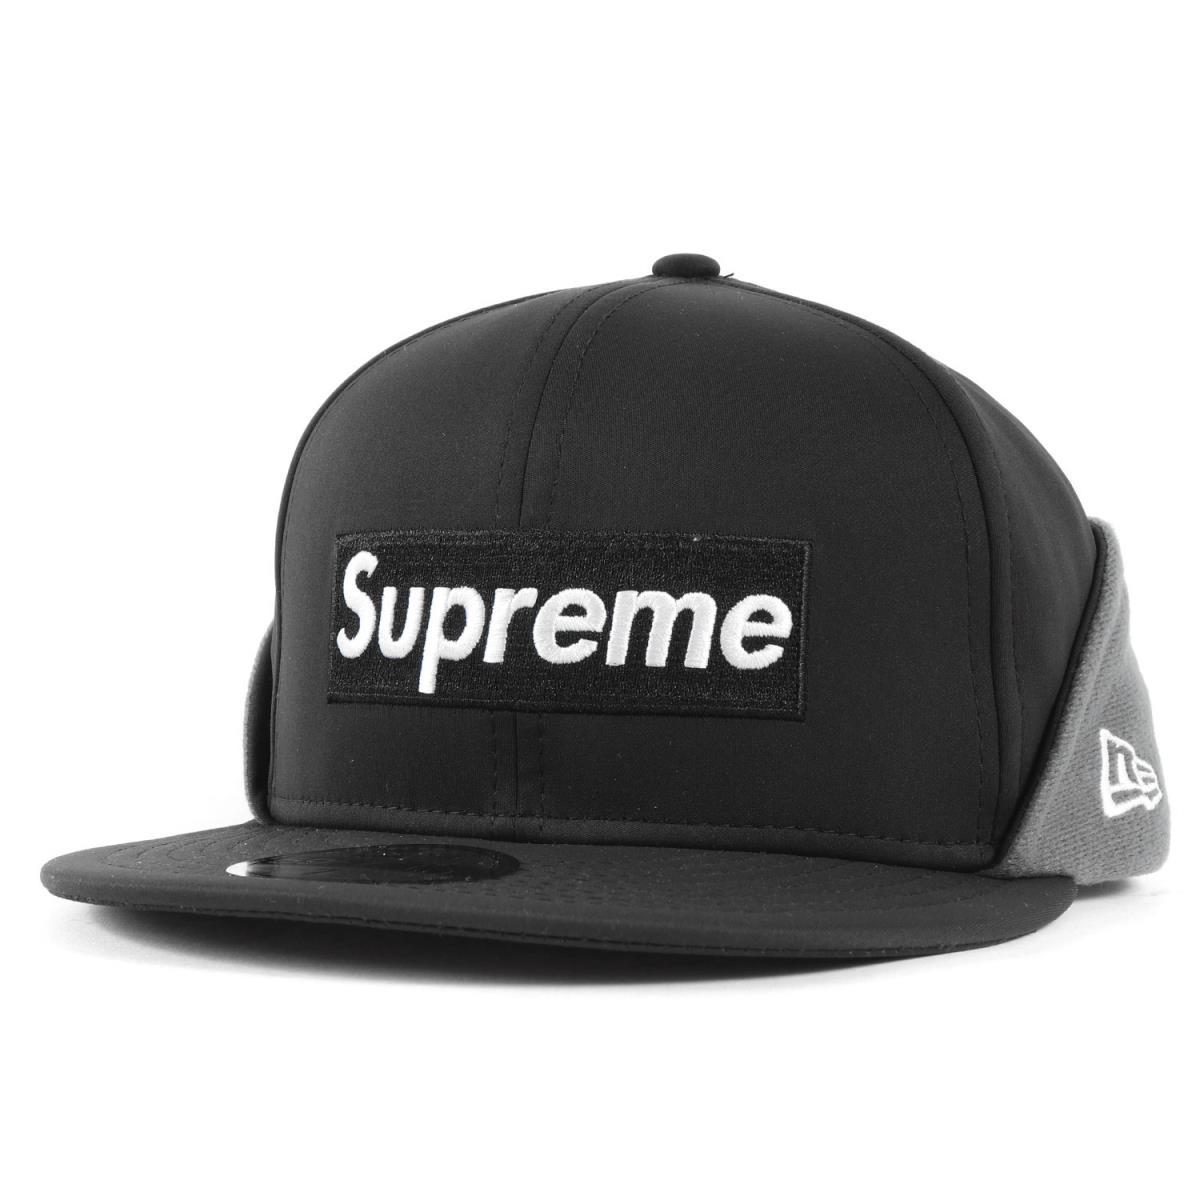 メンズ帽子, キャップ Supreme 20AW NEW ERA WINDSTOPPER BOX Earflap Box Logo 7 12(59.6cm) K3106